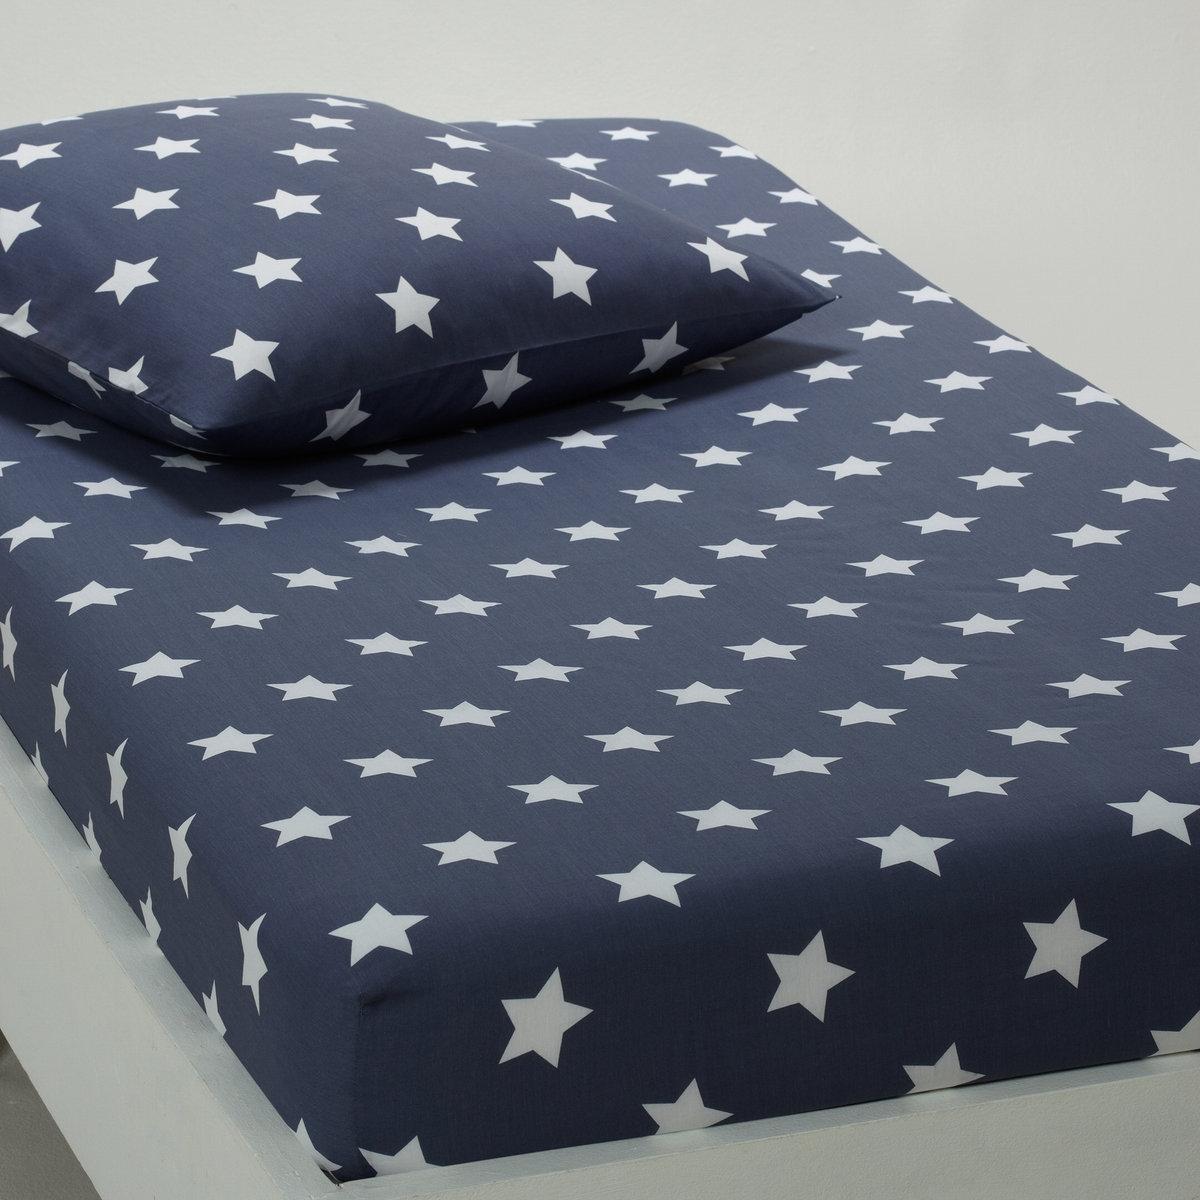 Натяжная простыня с рисунком Навор.Другие товары из коллекции Вы можете найти на laredoute.ru Характеристики:рисунок звезды. 100% хлопка. Стирка при 60°.Размер:90 x 190 см: 1-сп.<br><br>Цвет: синий